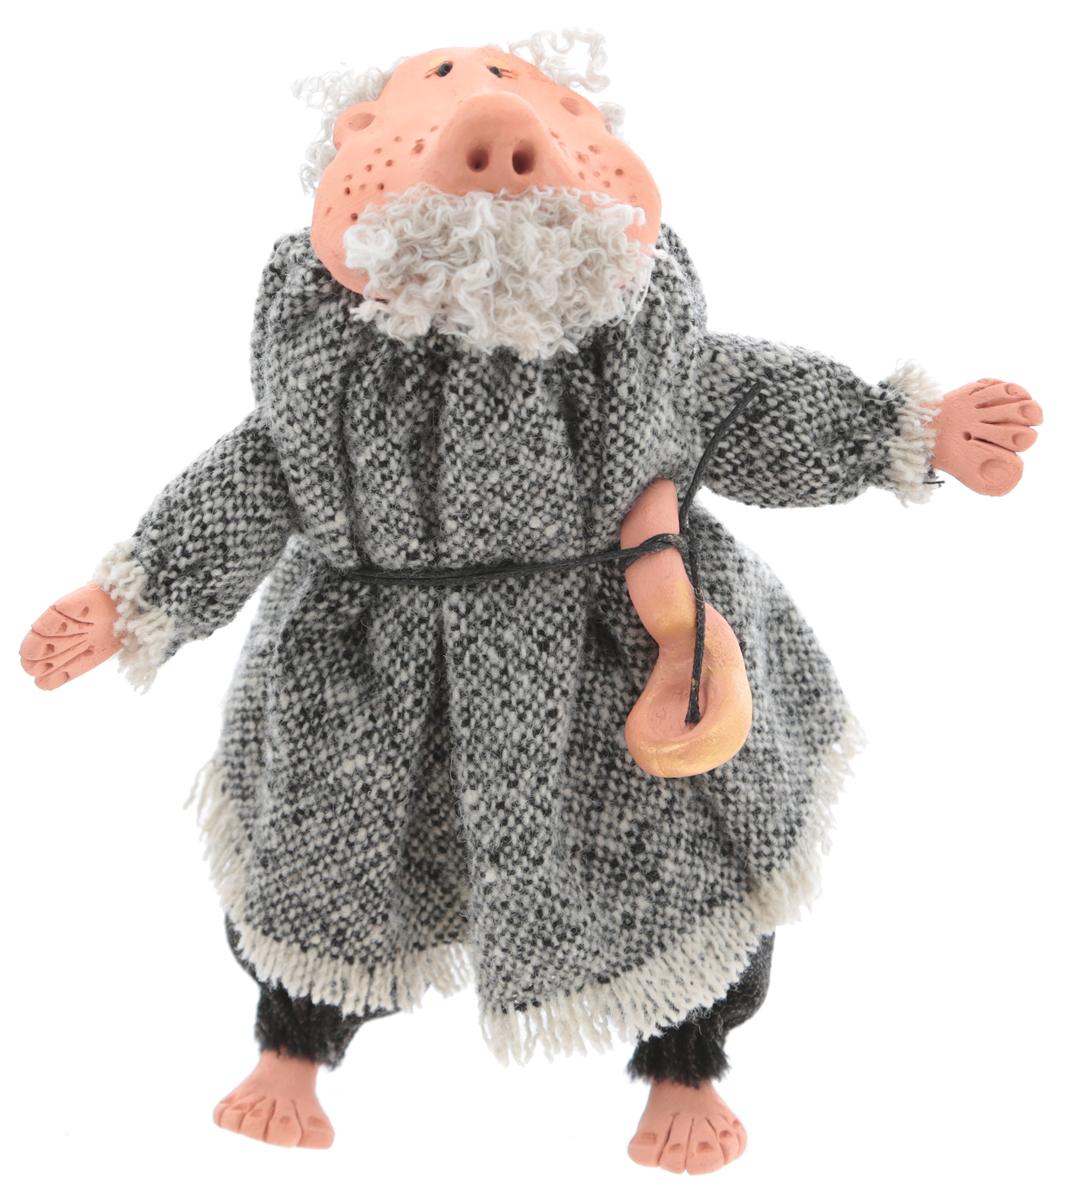 Подвесная кукла YusliQ Домовой Силантий. Авторская работа. Kyrk09 rk 656 кукла подвесная маня